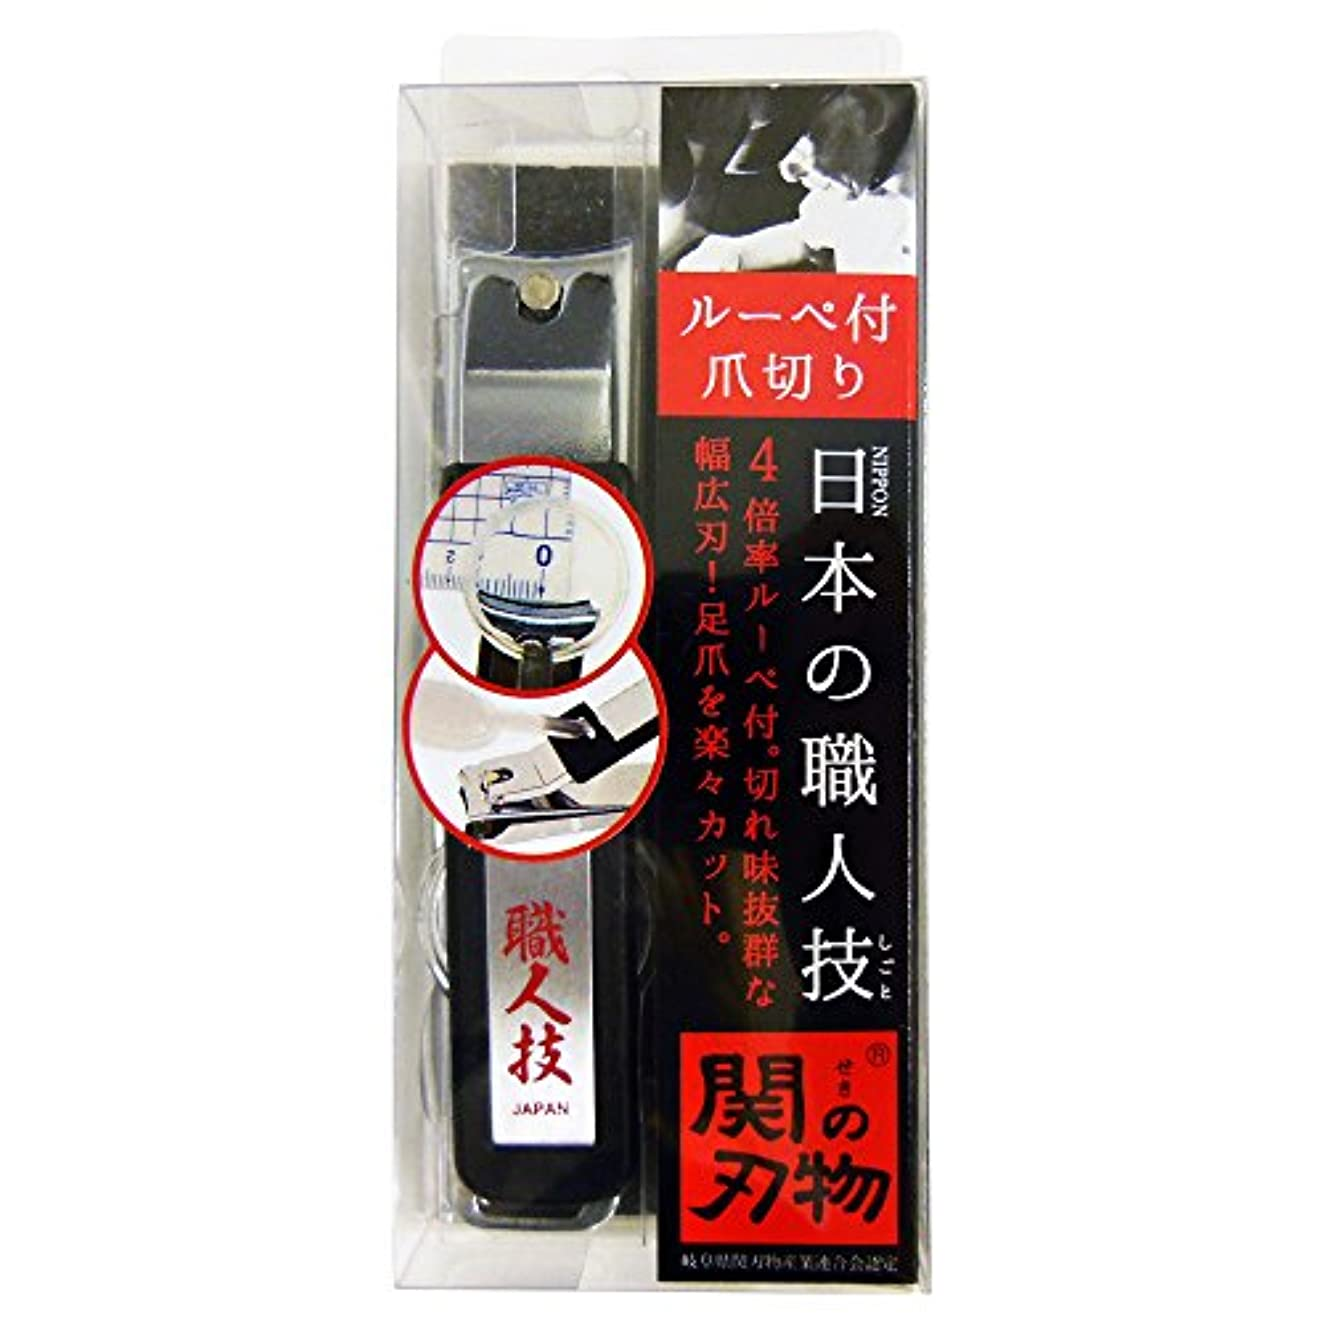 永久足枷プランテーション関の刃物 ルーペ付爪切り SK-07 (1個入)